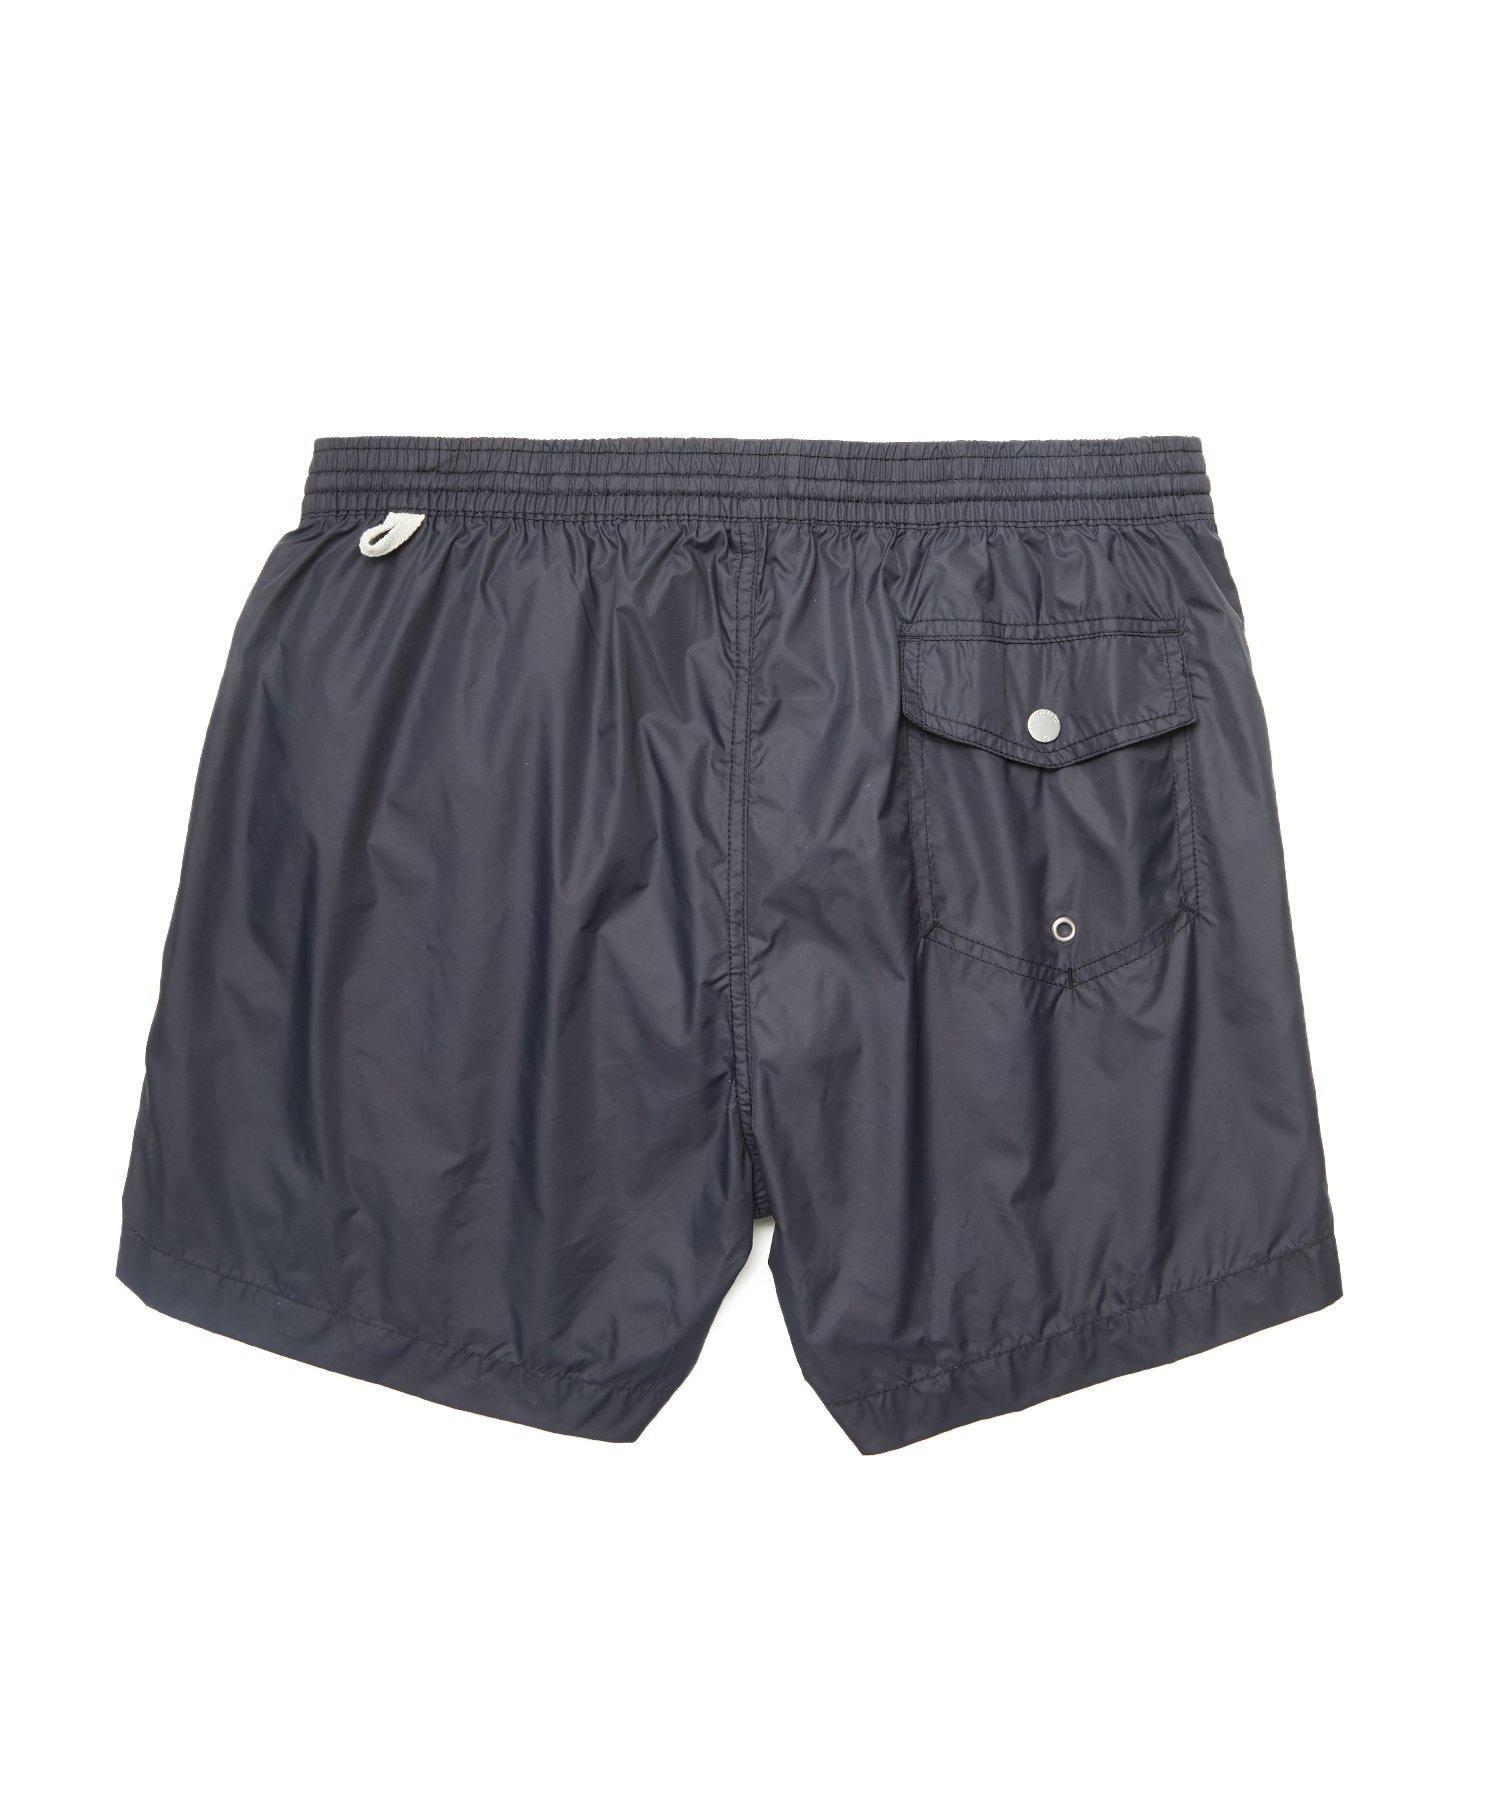 57b7c9d4c7333 Hartford Kuta Solid Swim Trunks In Black in Black for Men - Lyst